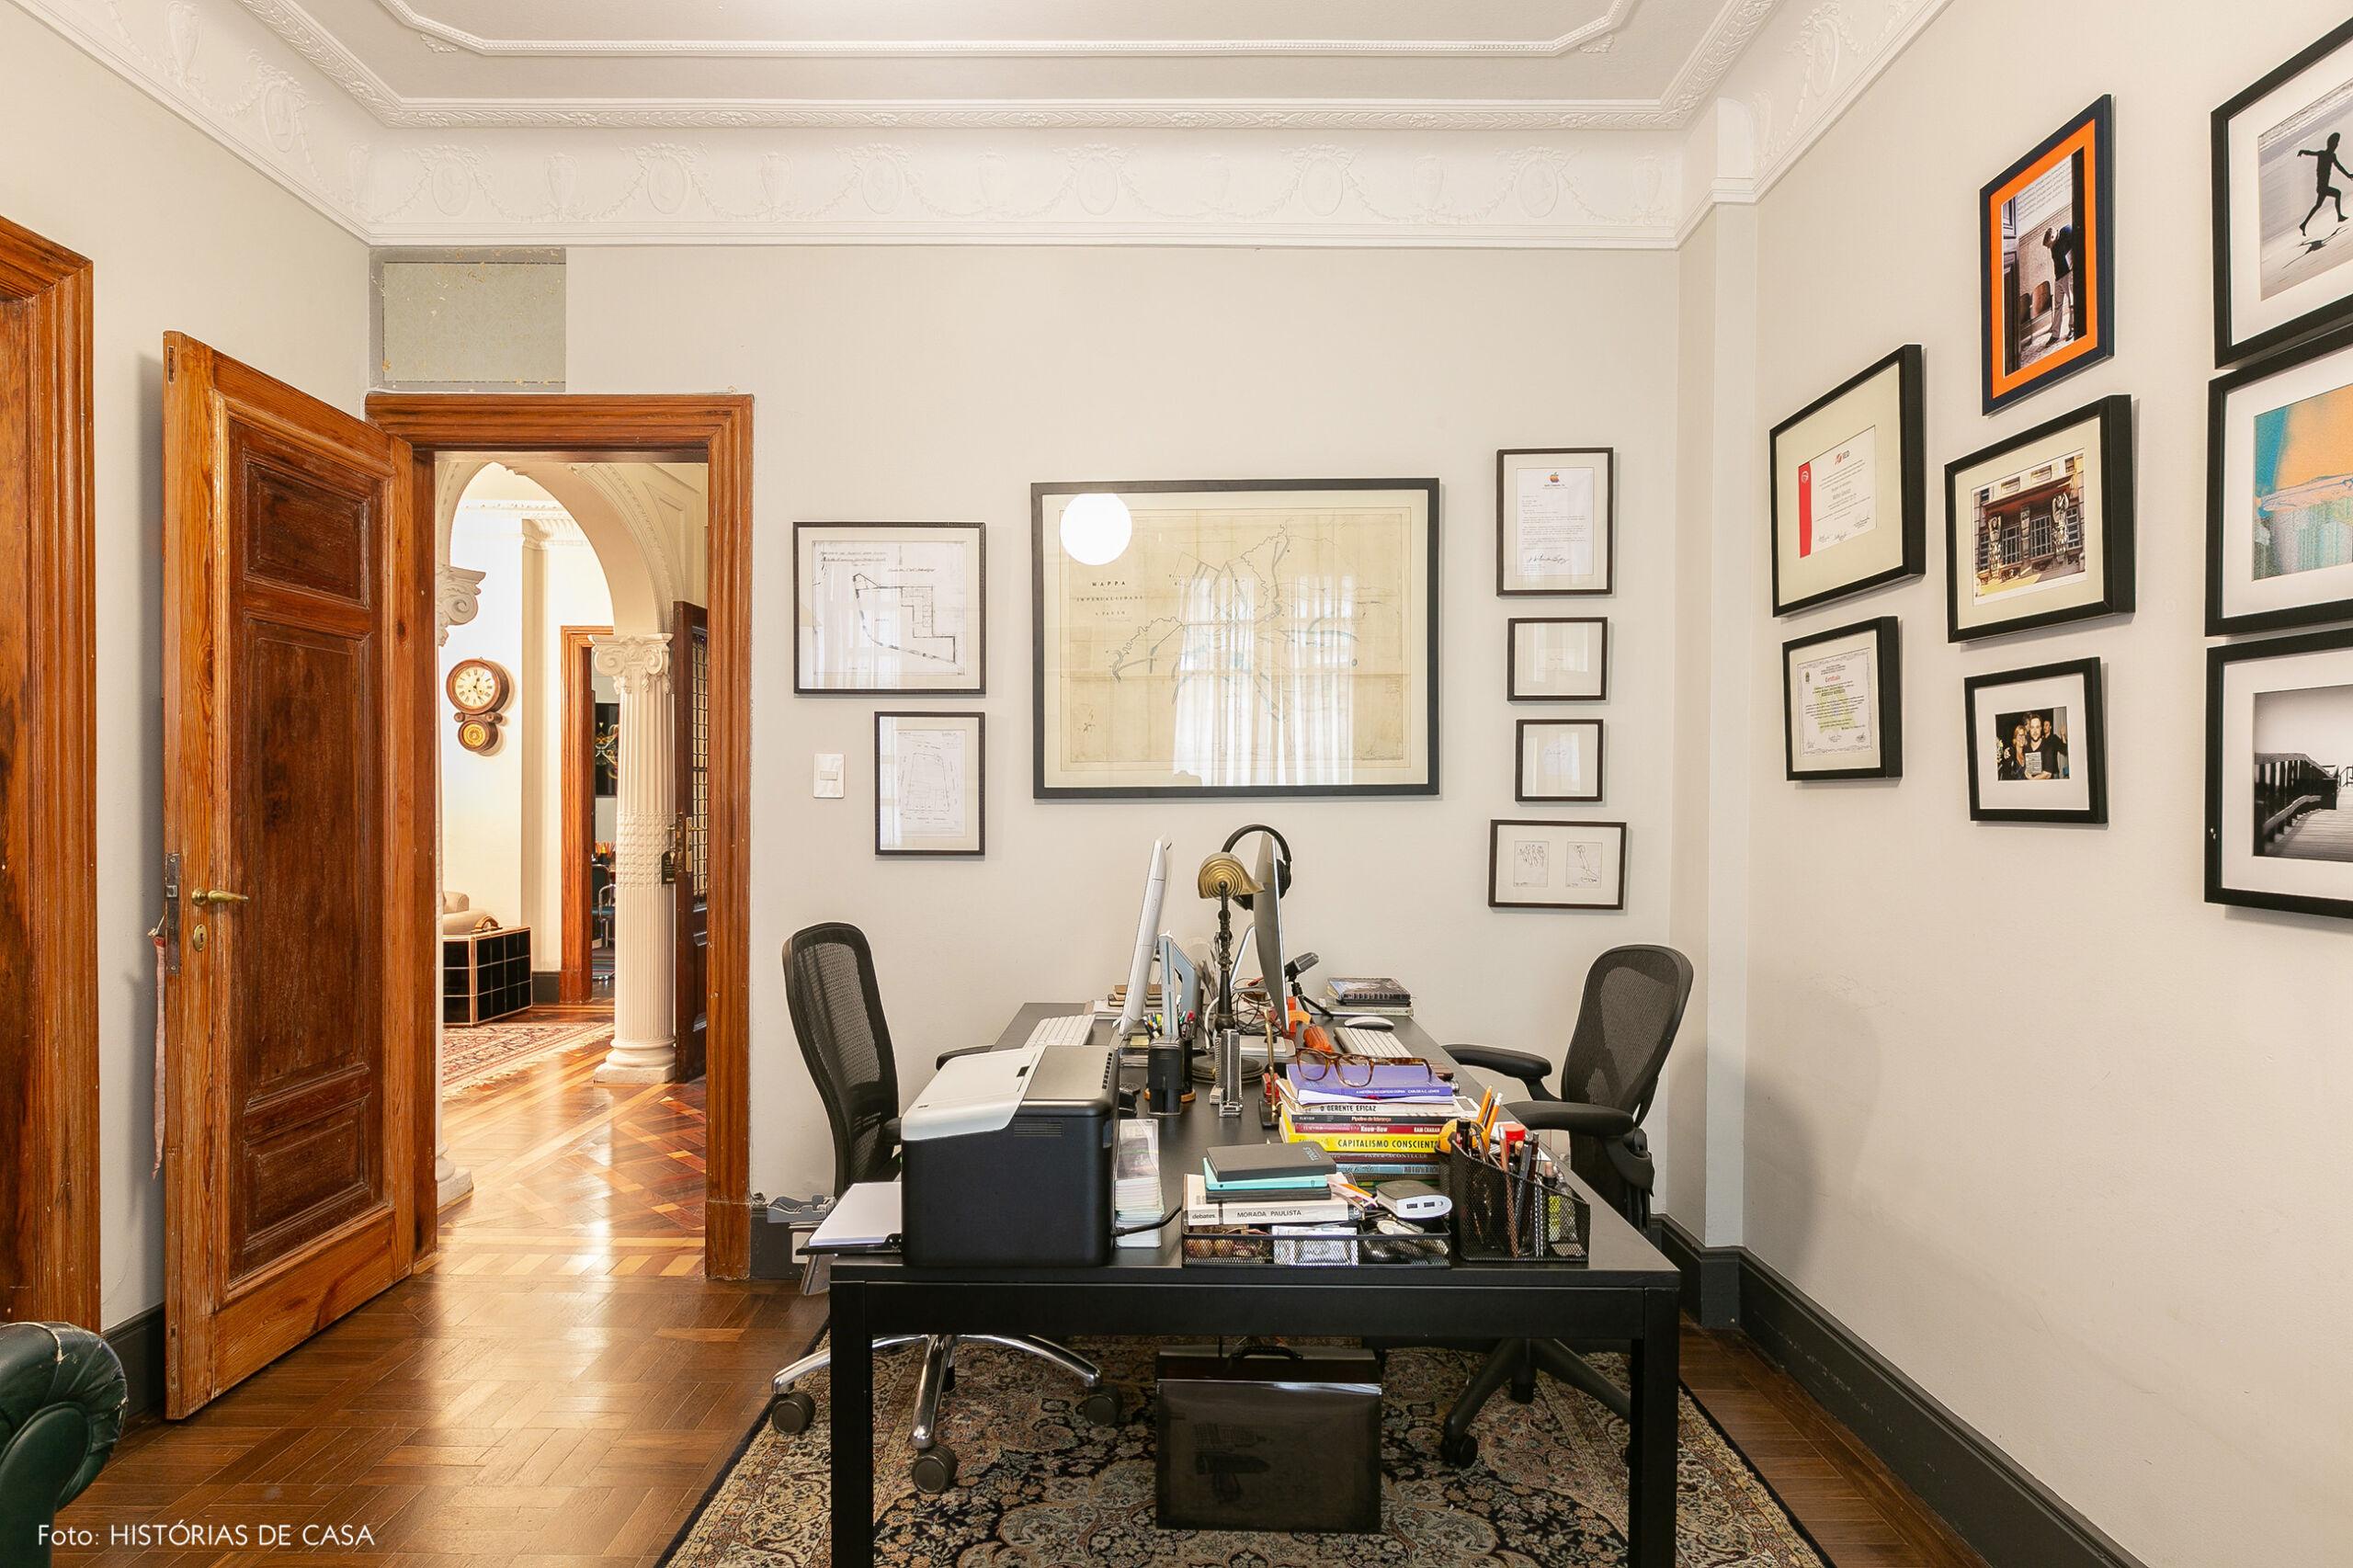 Mesas de trabalho em escritório no centro, arquitetura